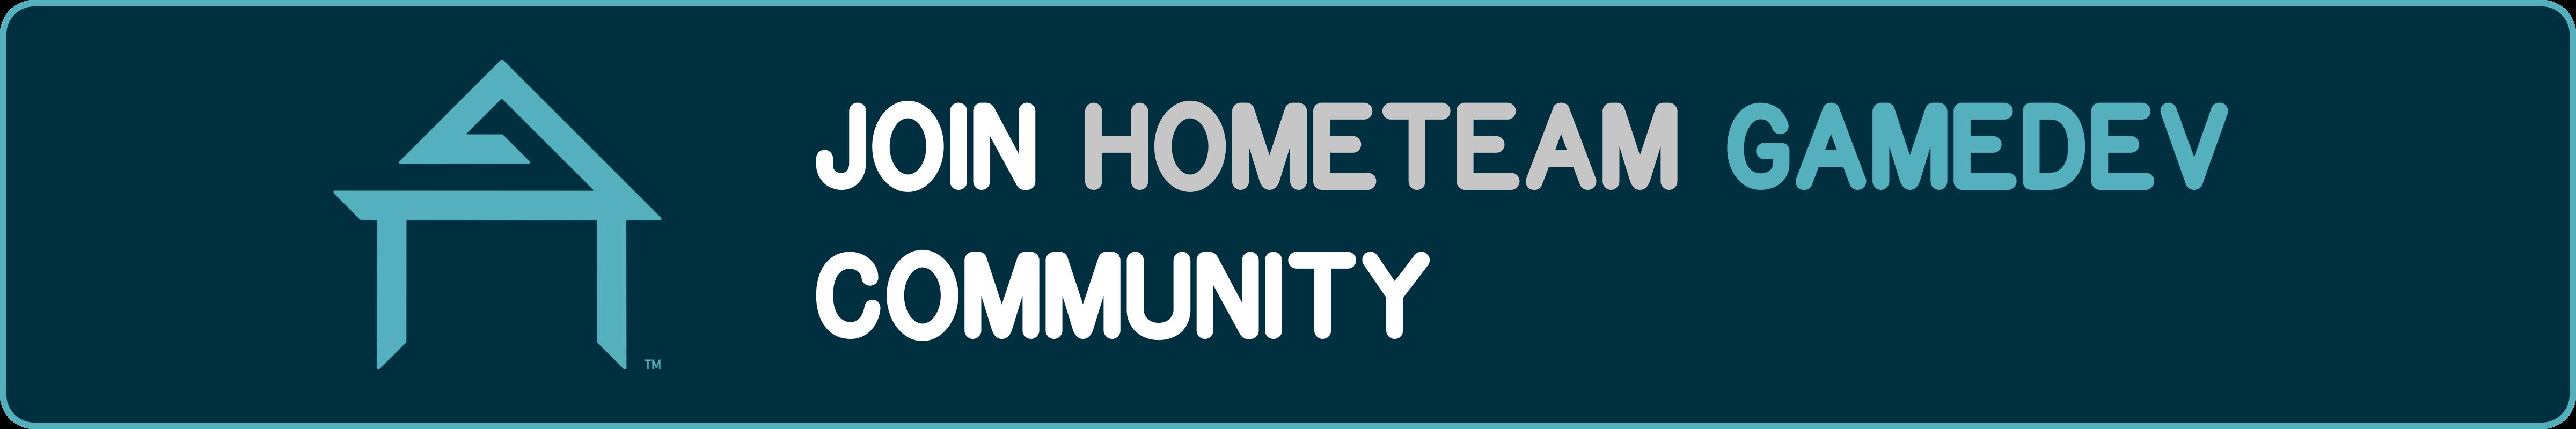 HomeTeam GameDev Community Website